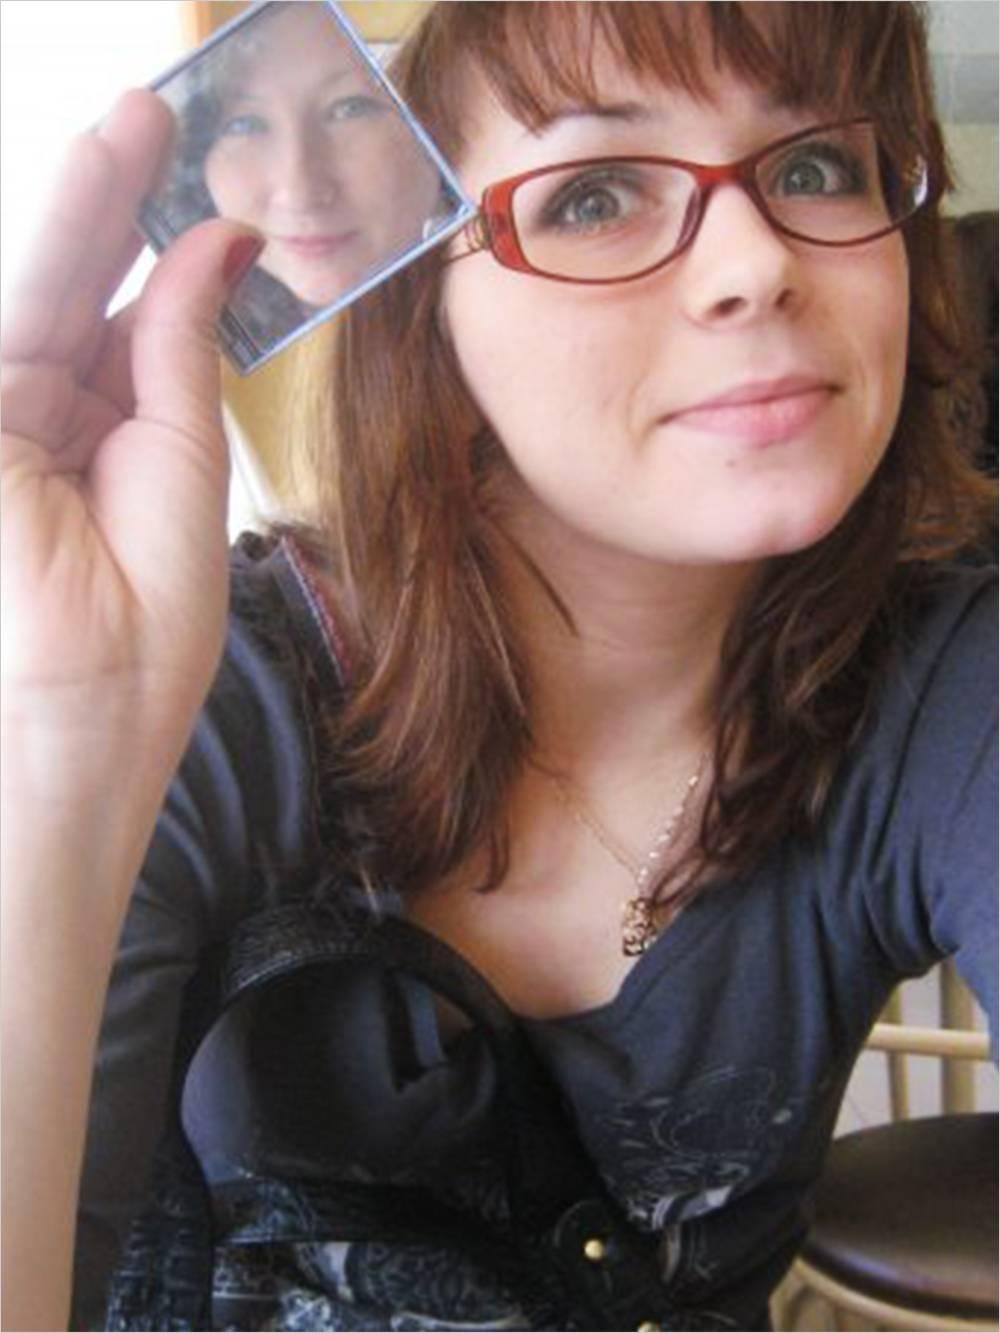 До операции. В отражении зеркала моя подруга Женя — она меня очень поддержала перед операцией